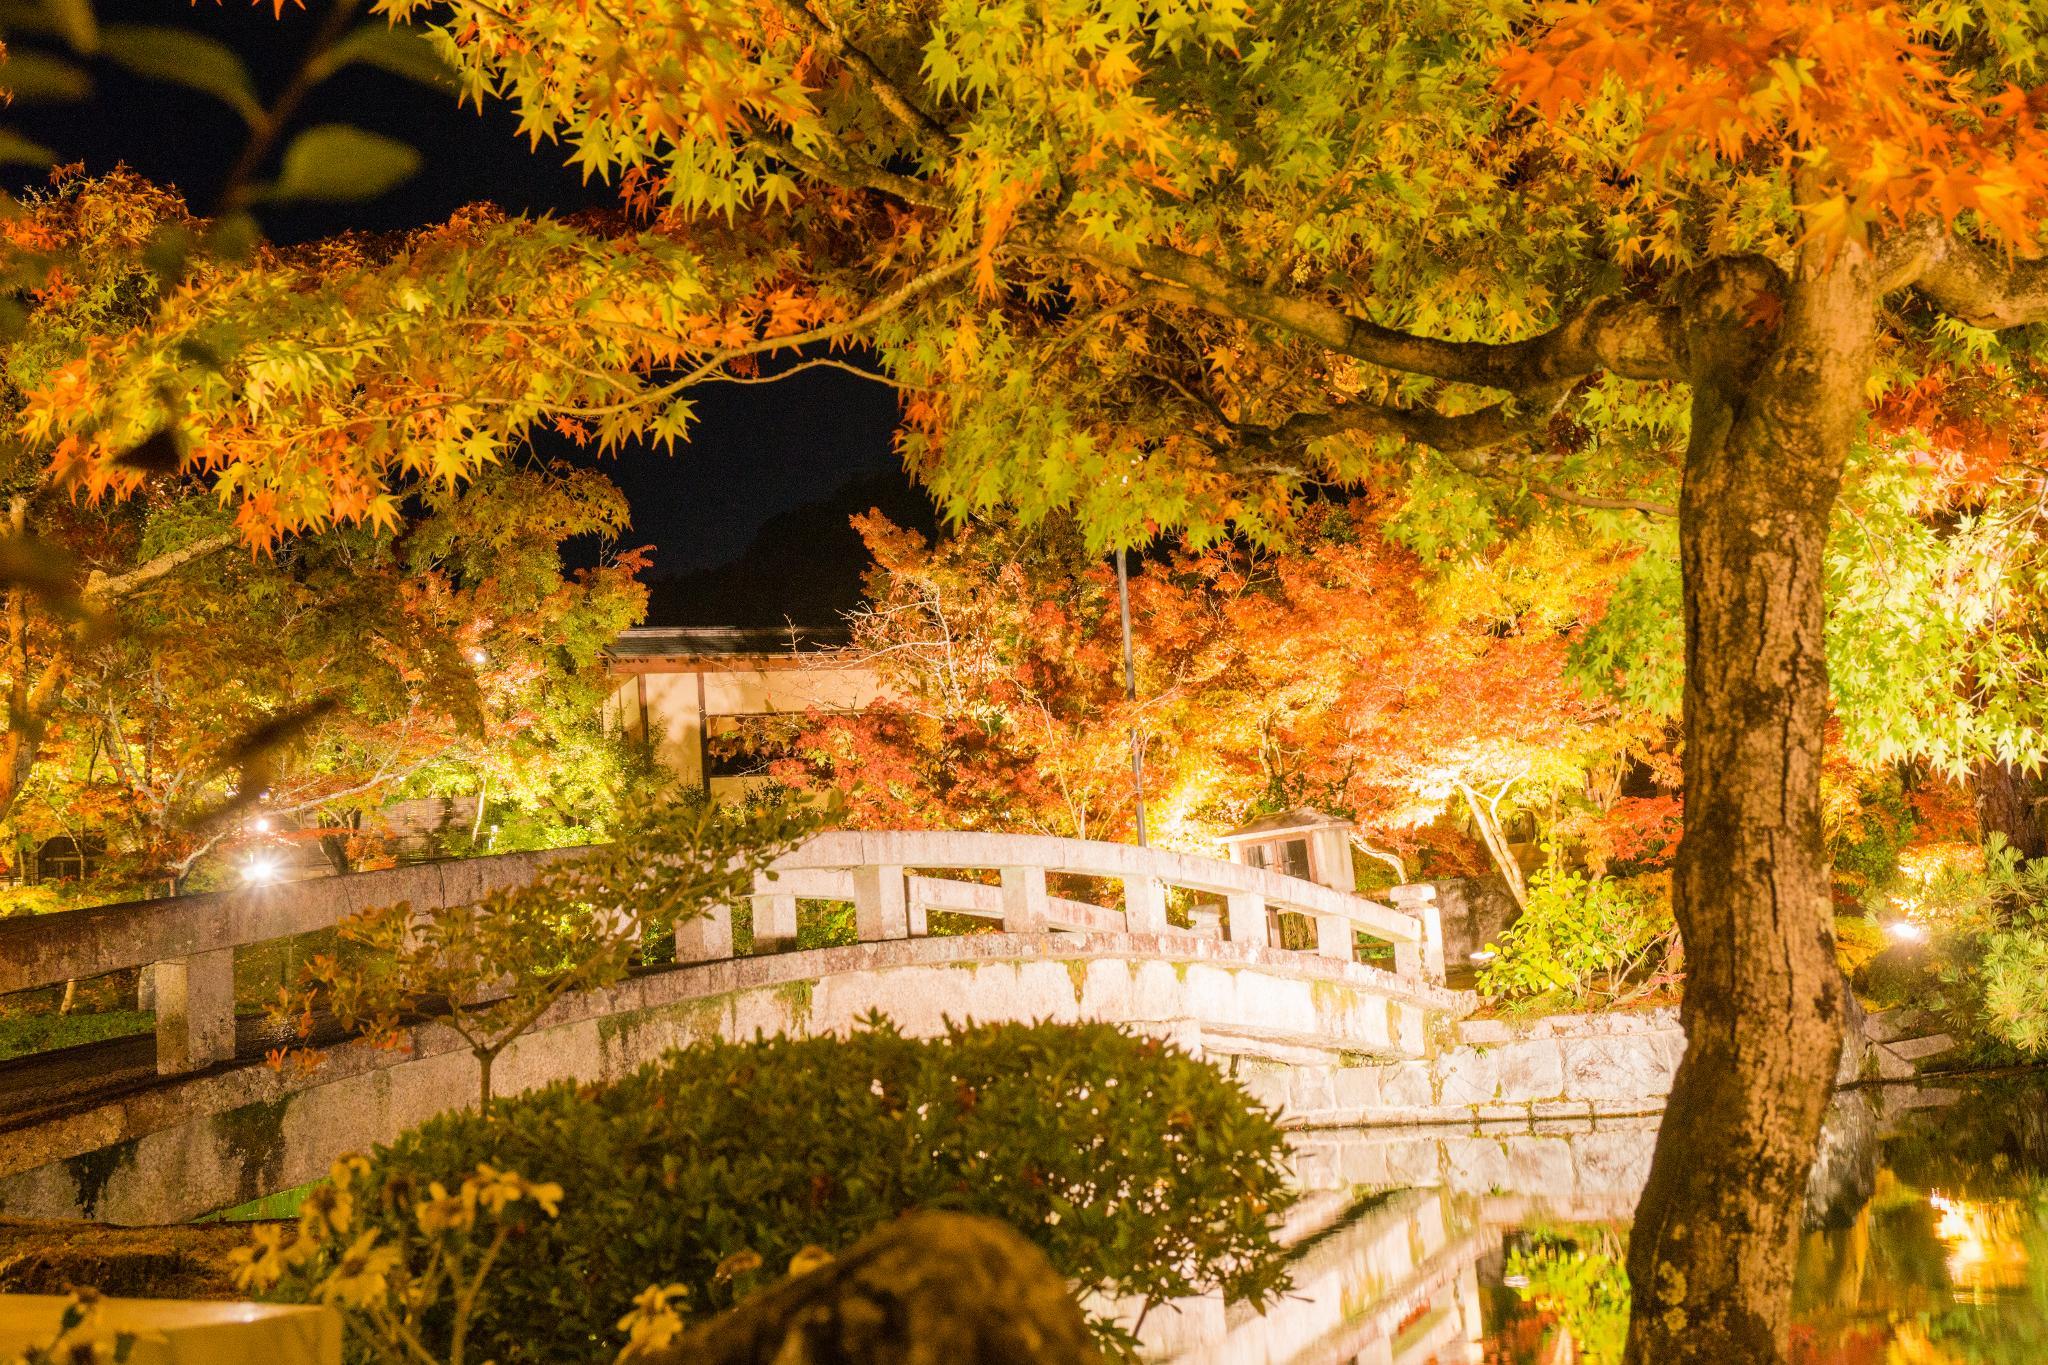 【京都】此生必來的紅葉狩絕景 - 永觀堂夜楓 114